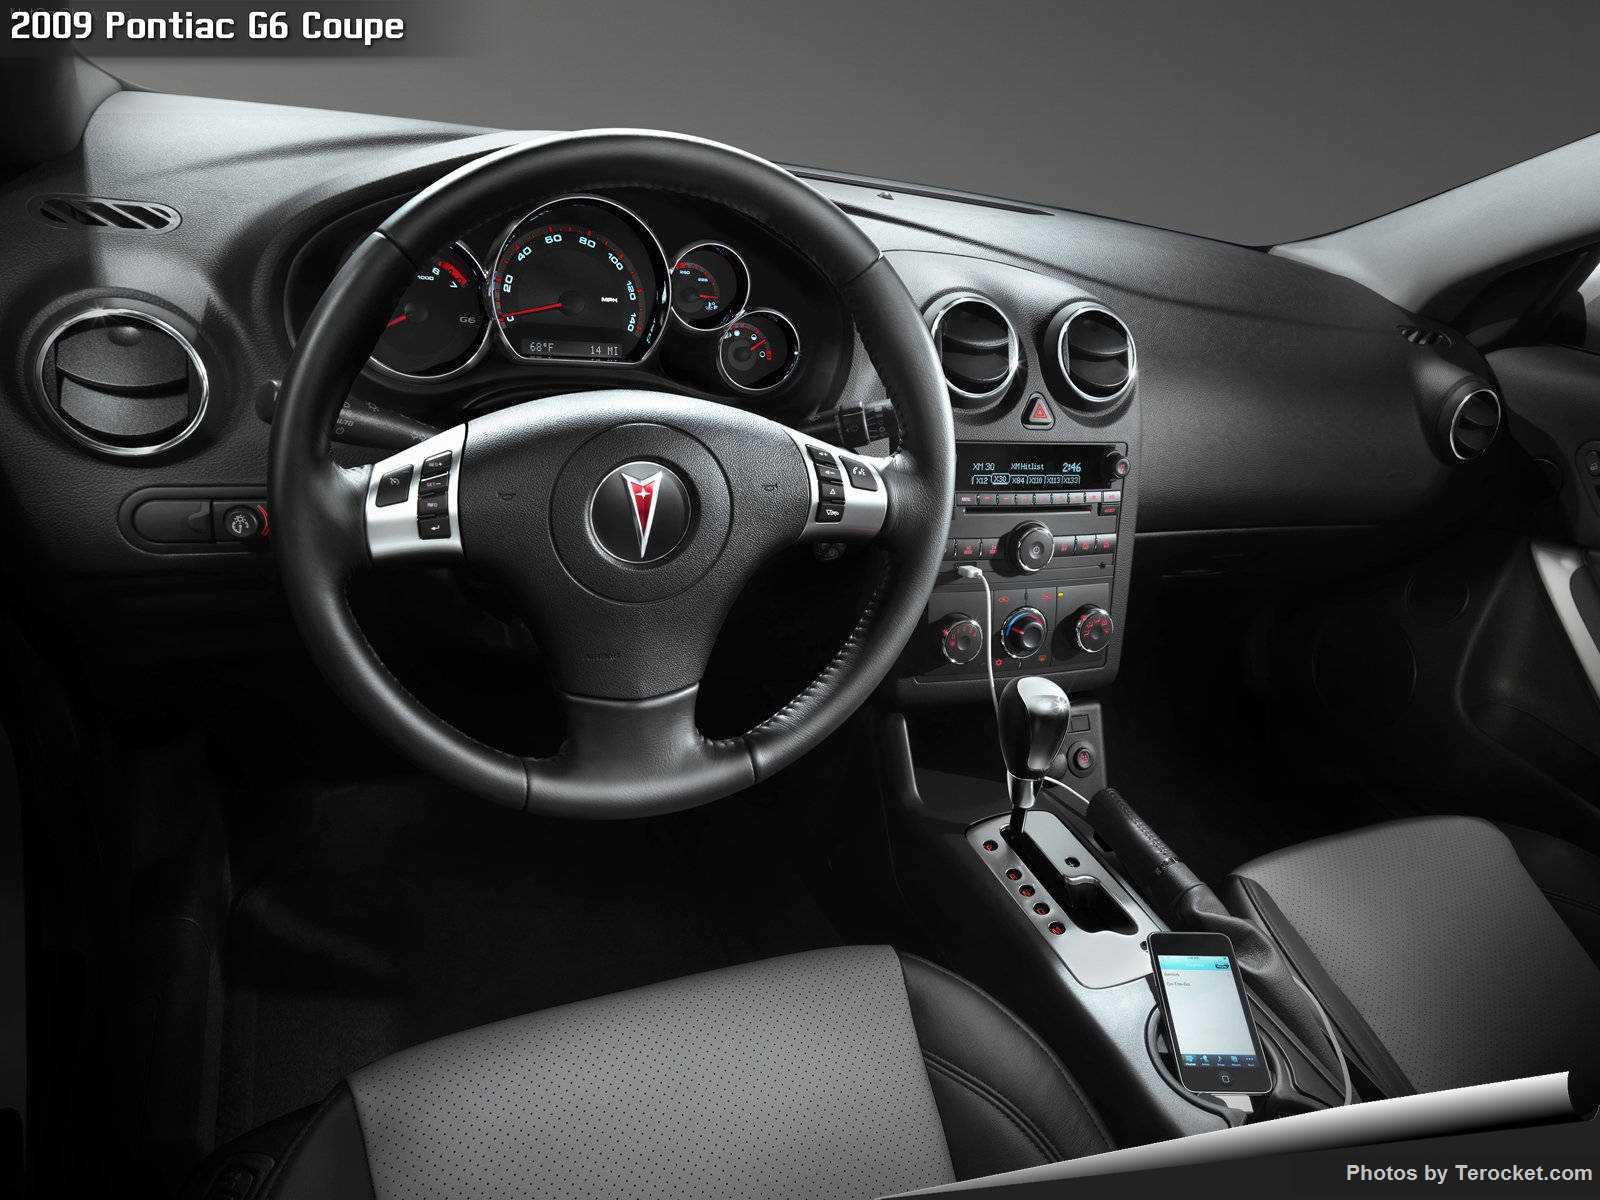 Hình ảnh xe ô tô Pontiac G6 Coupe 2009 & nội ngoại thất